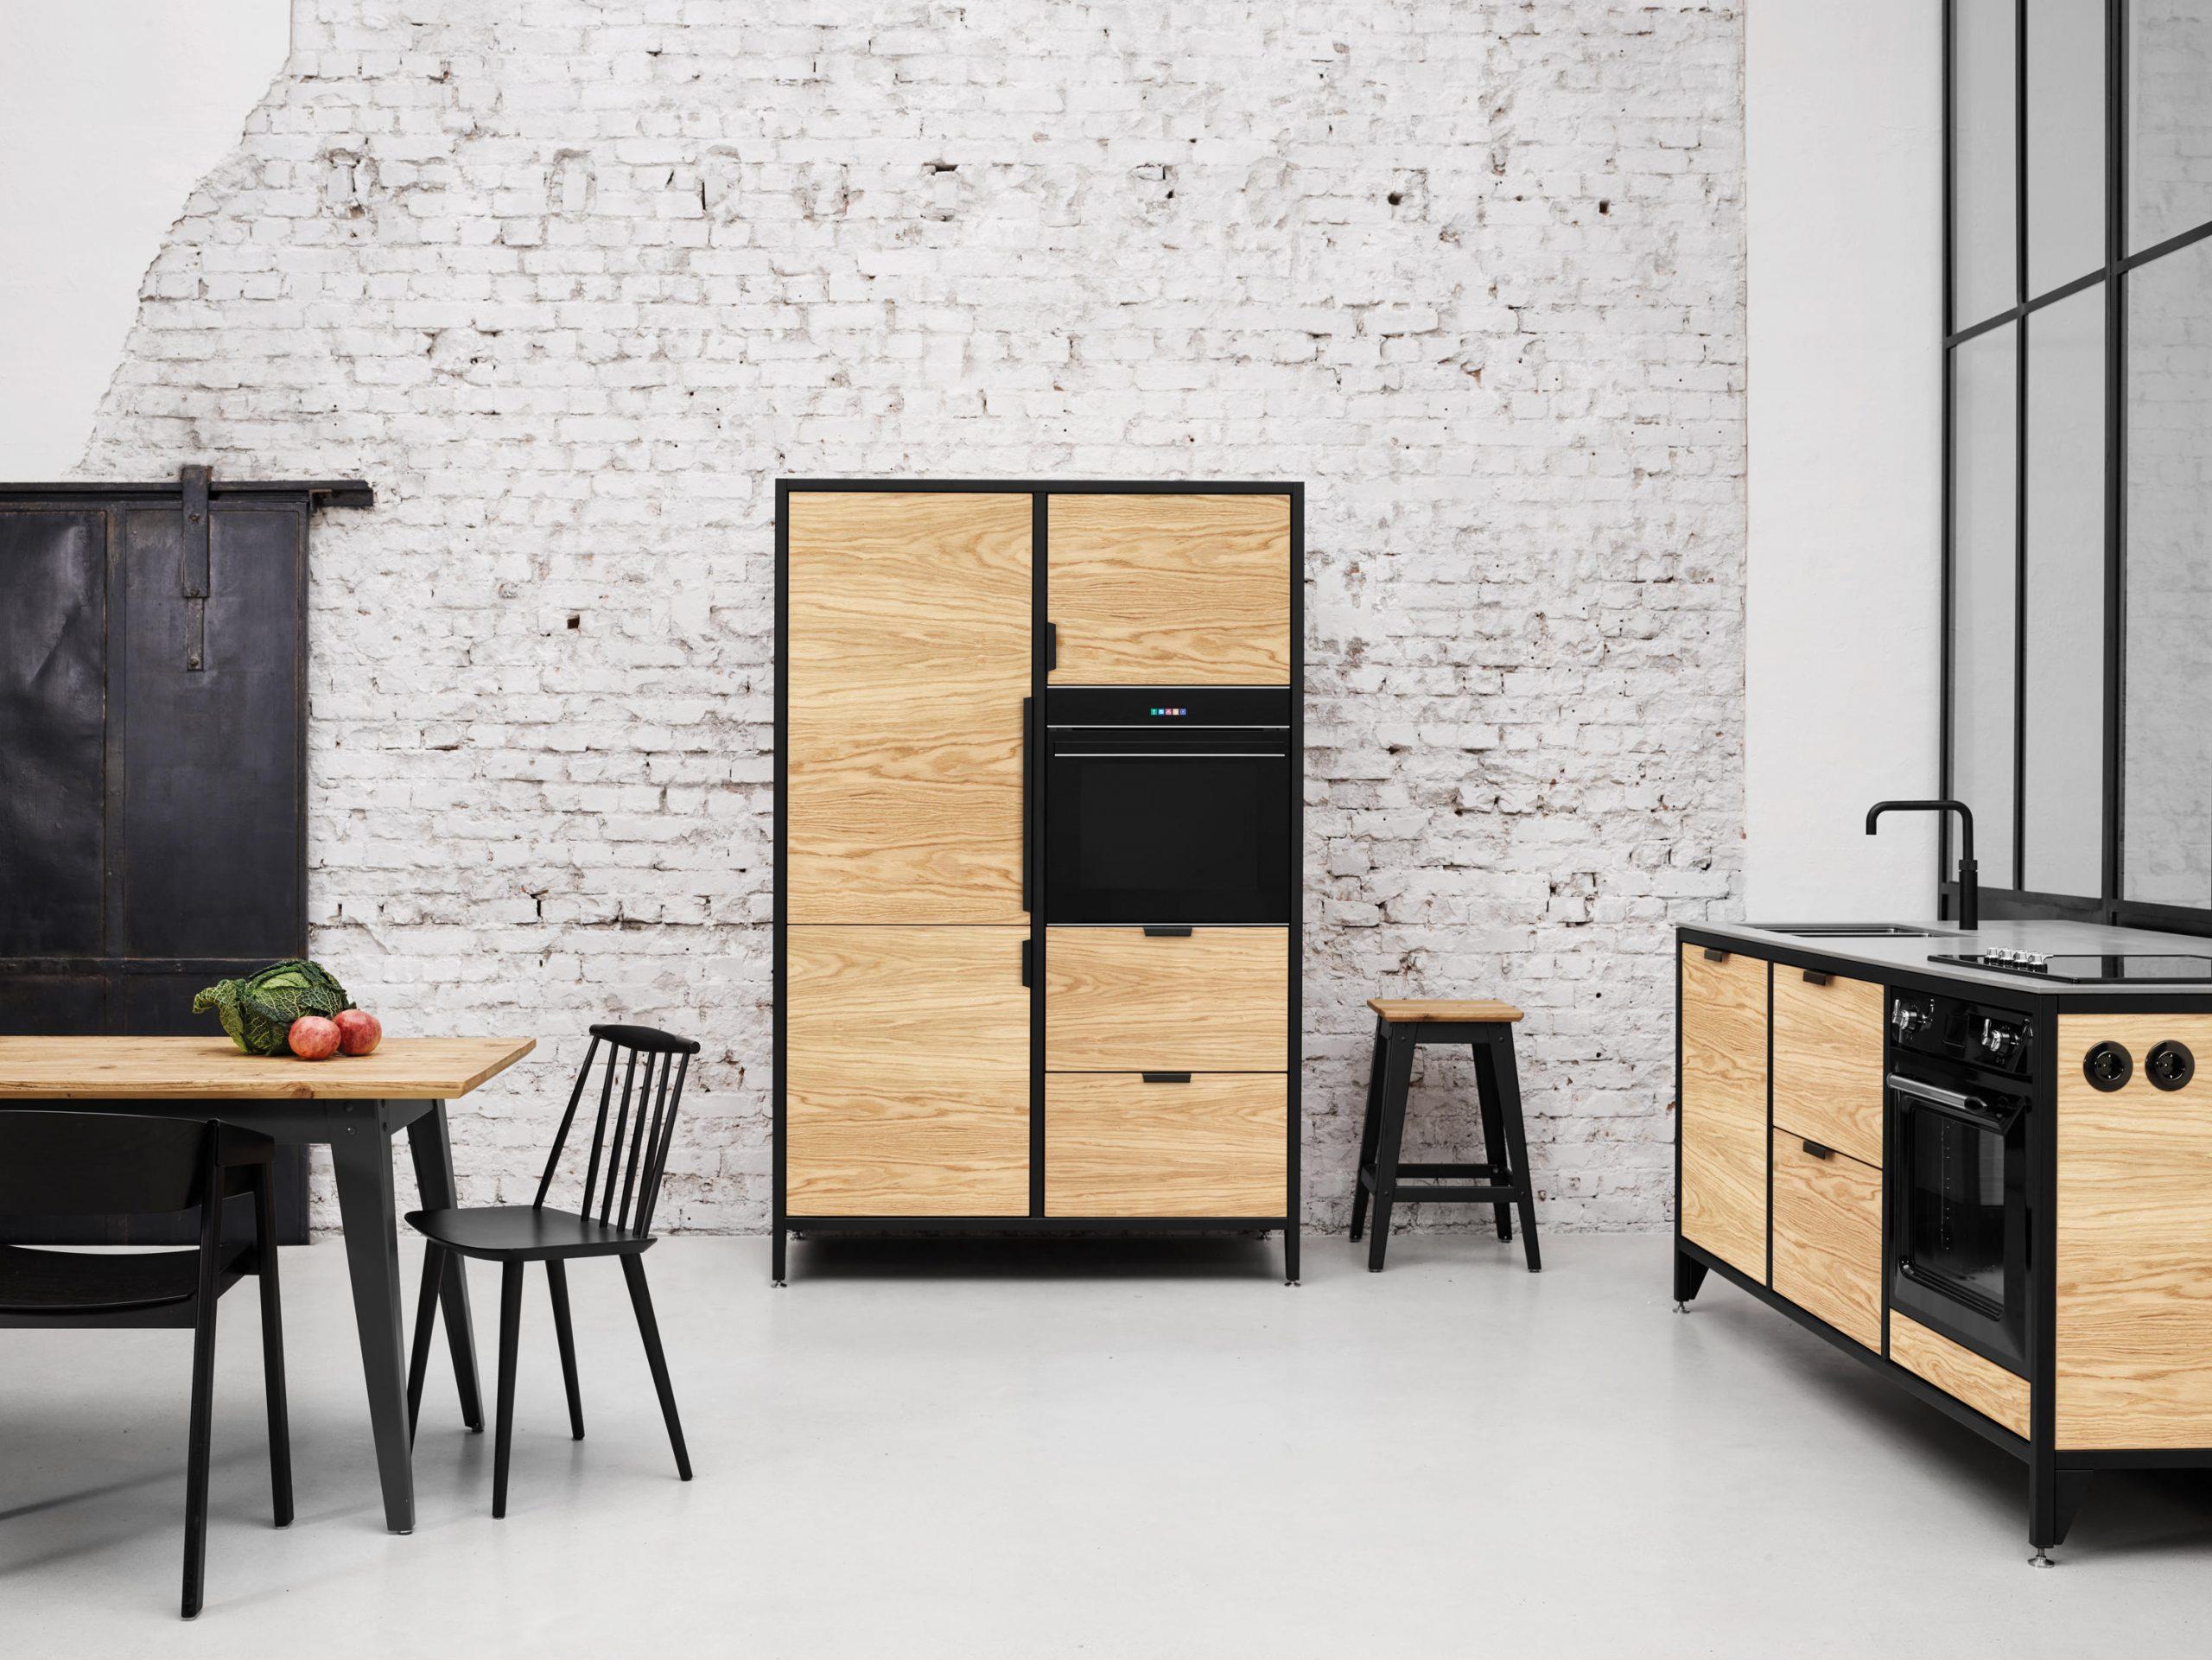 Full Size of Ikea Modulkche Cokaufen Vipp Preise Kche Holz Modulküche Wohnzimmer Cocoon Modulküche